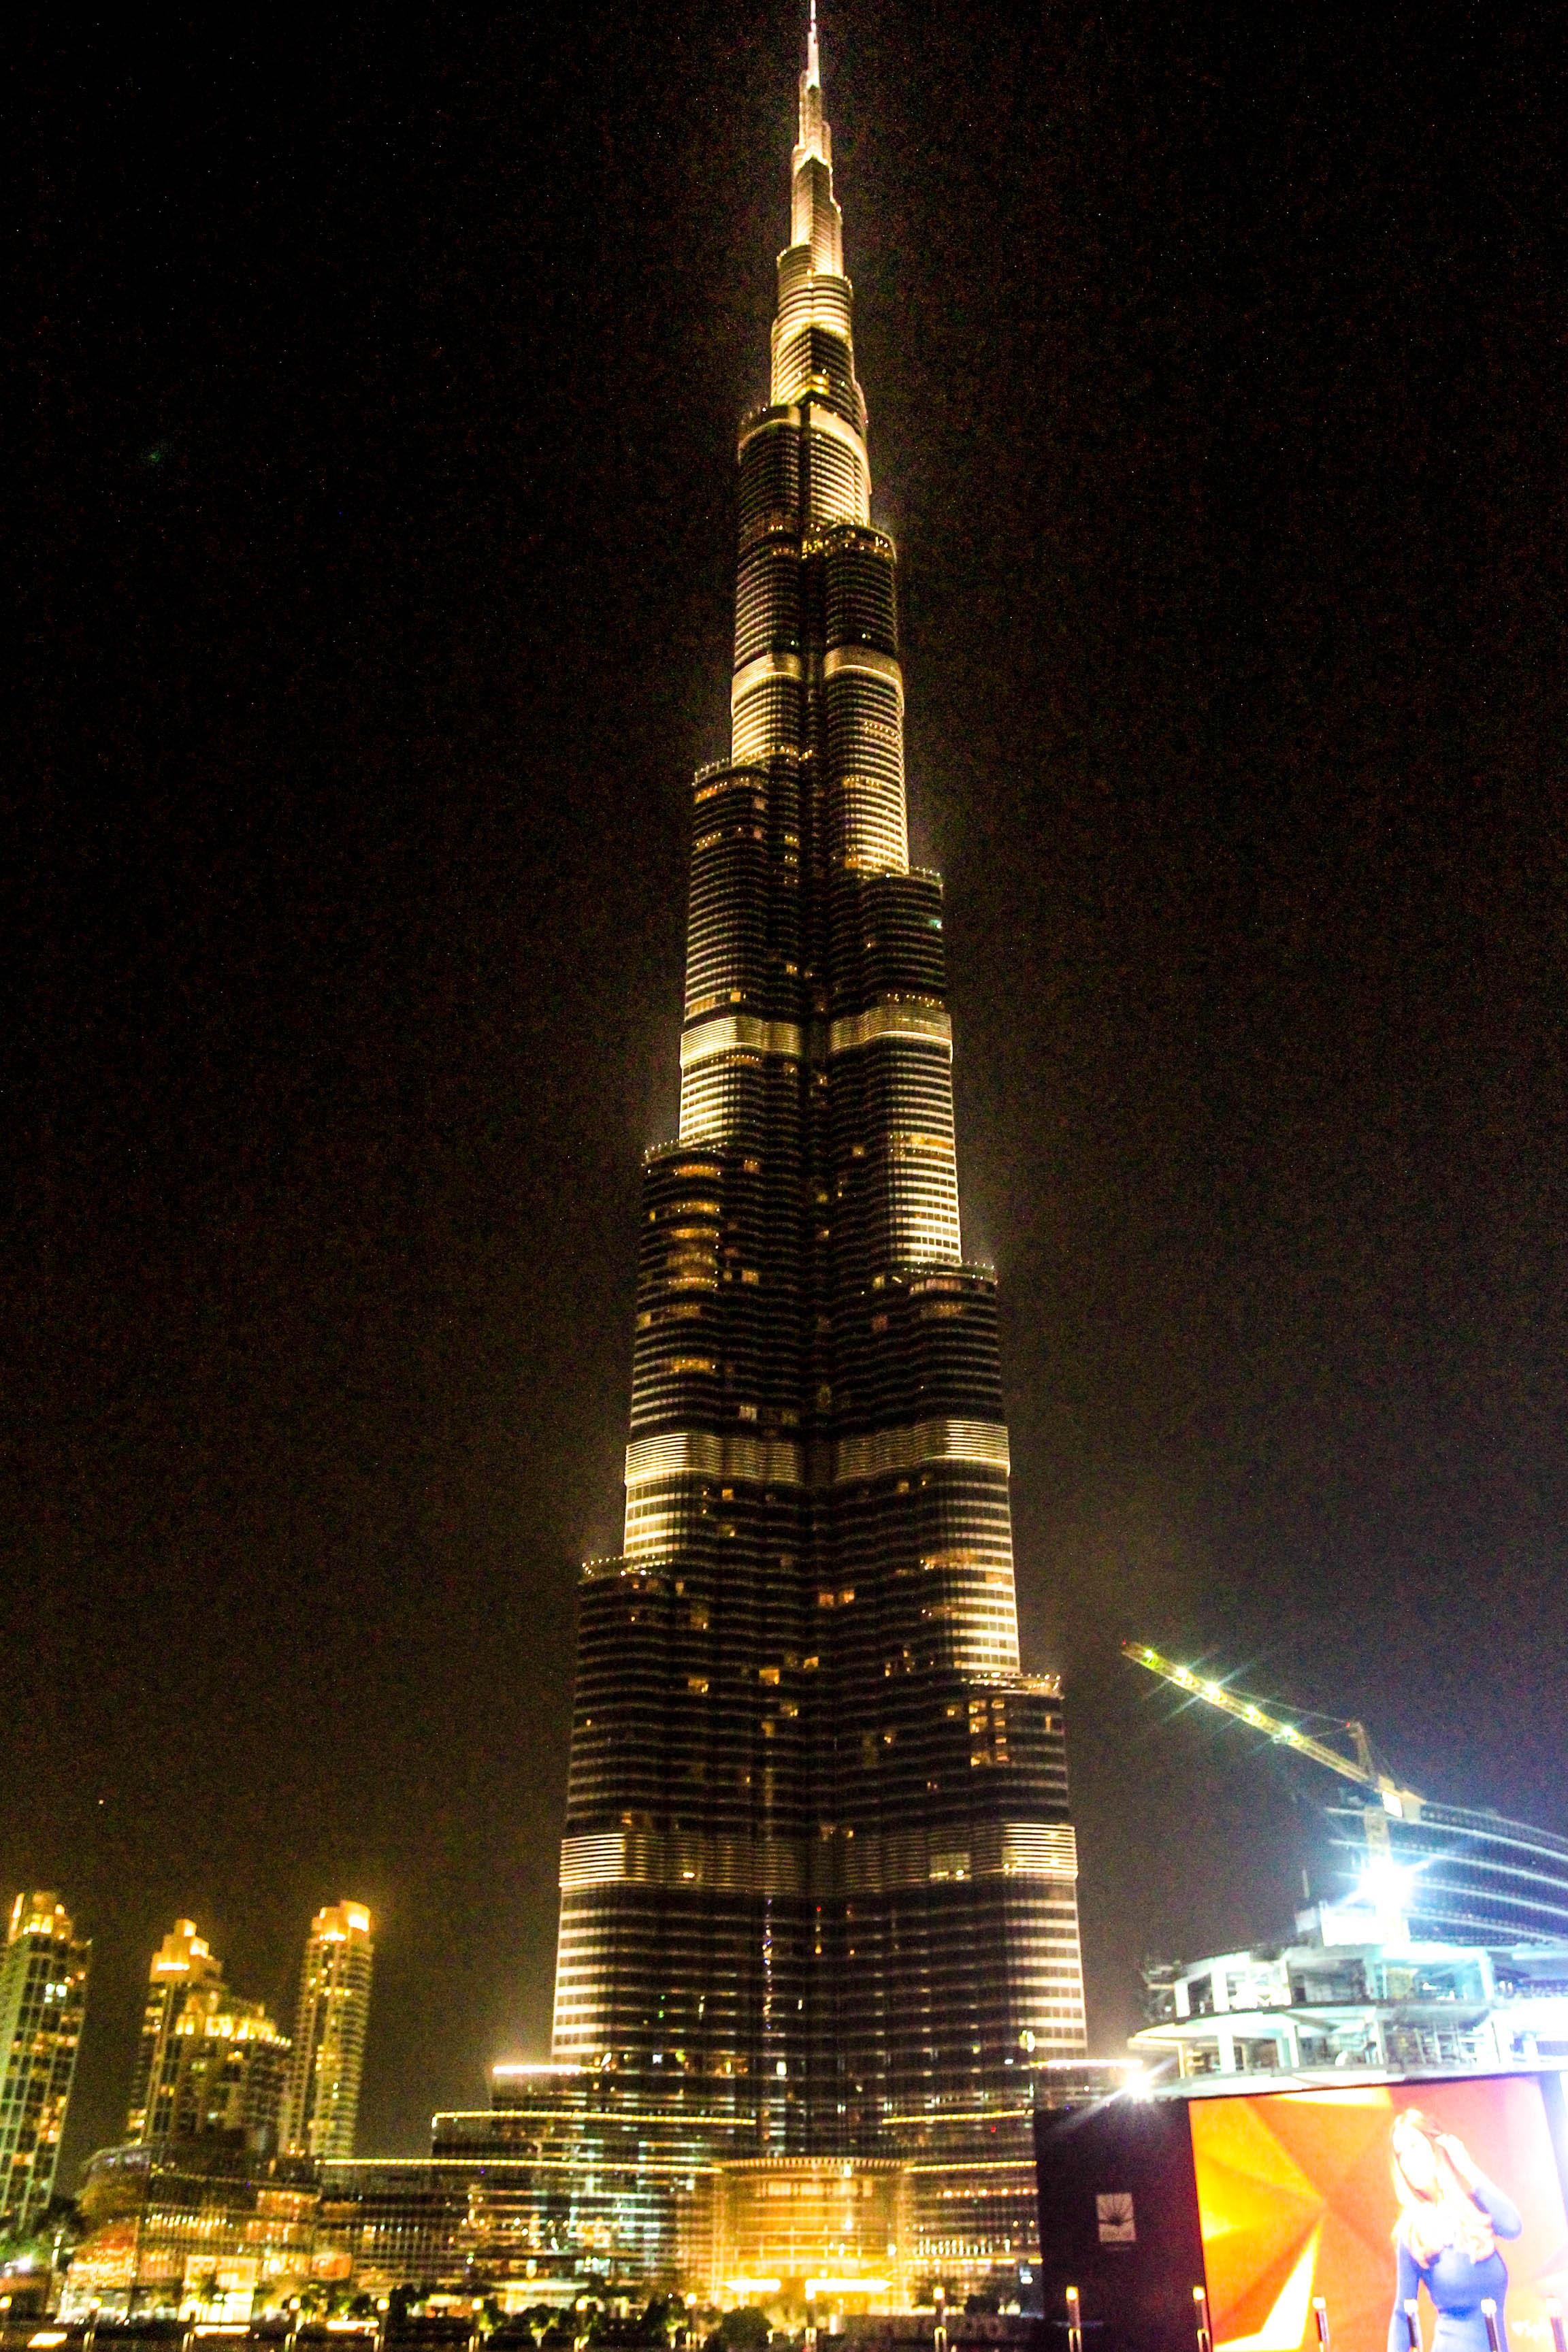 土豪国迪拜的世界第一高楼:夜景真的无与伦比